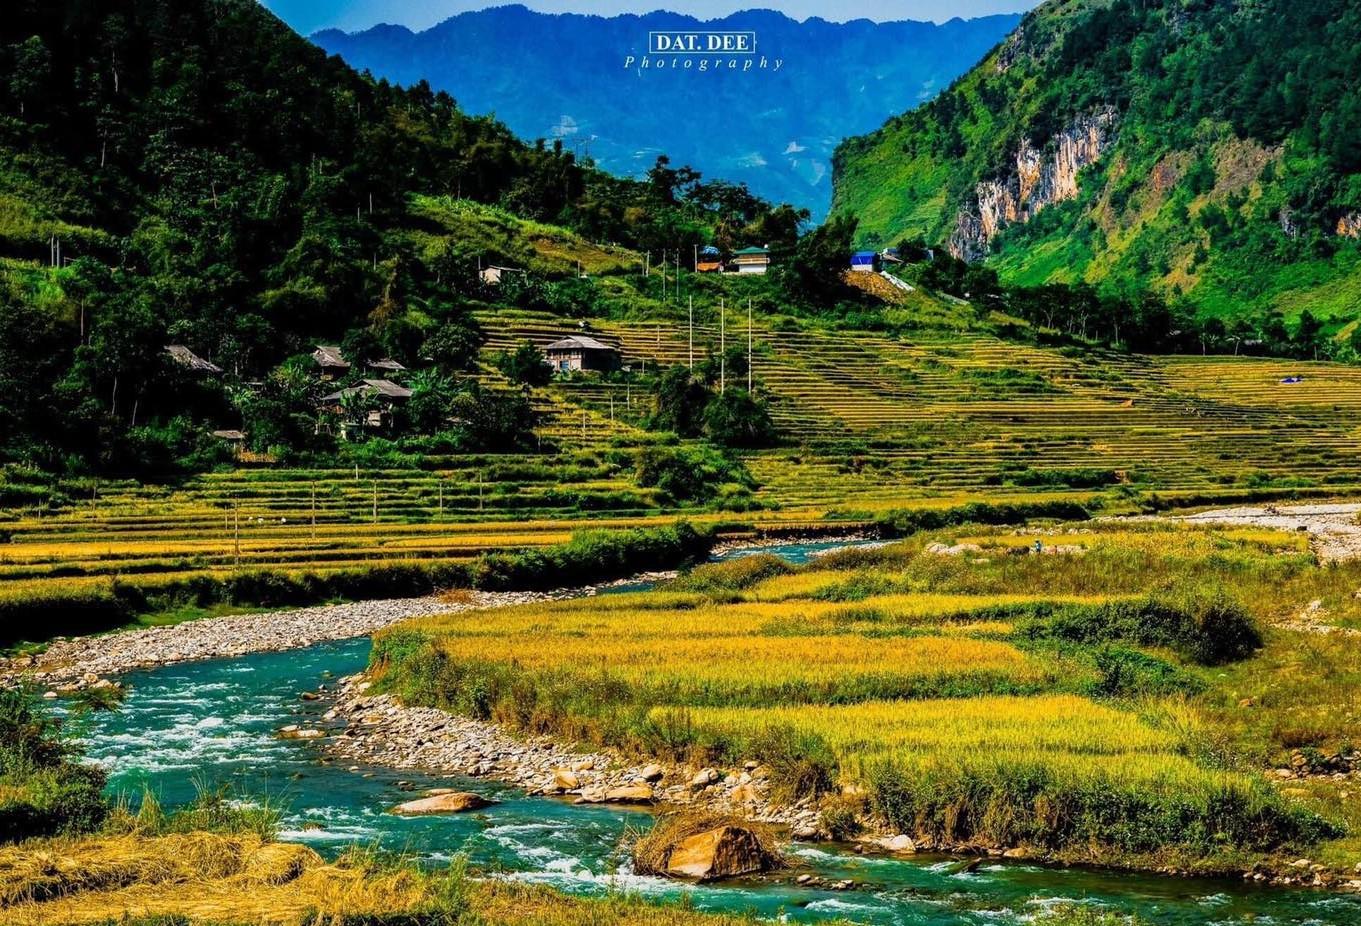 mùa thu sang ở các tỉnh thành của Việt Nam